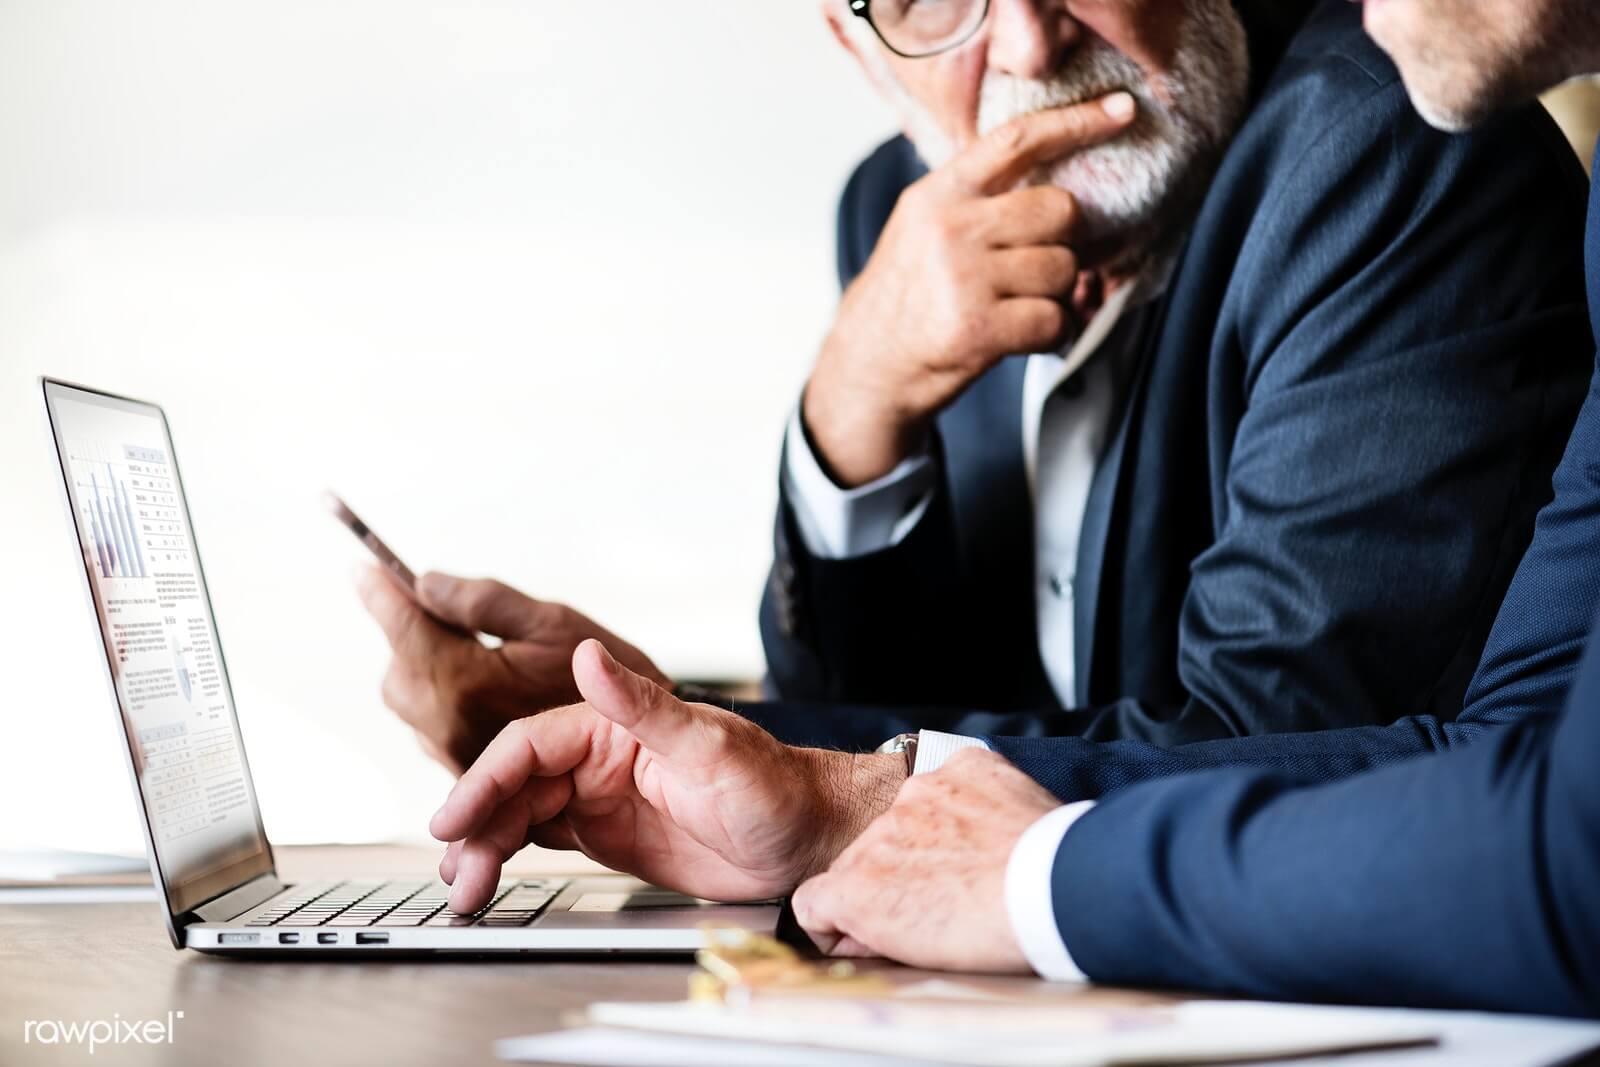 Giấy phép lao động là gì? Hồ sơ xin cấp giấy phép lao động cho người nước ngoài là gì?